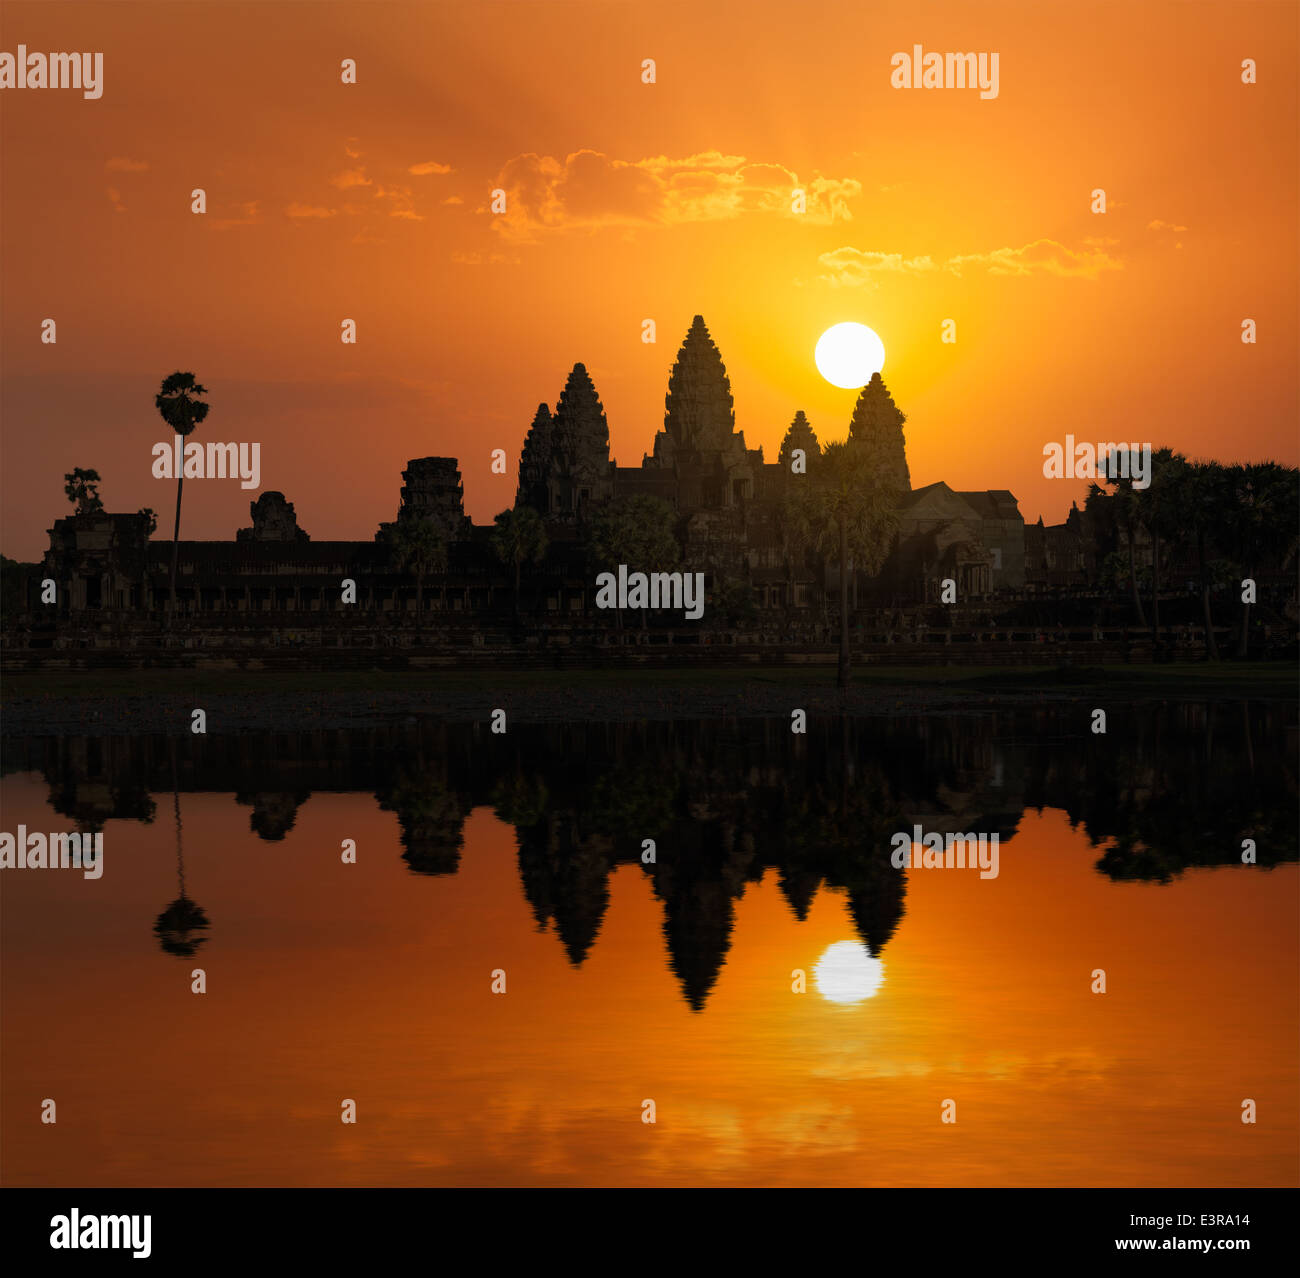 Kambodscha Angkor Wat mit Spiegelung im Wasser am Sonnenaufgang Wahrzeichen Stockbild